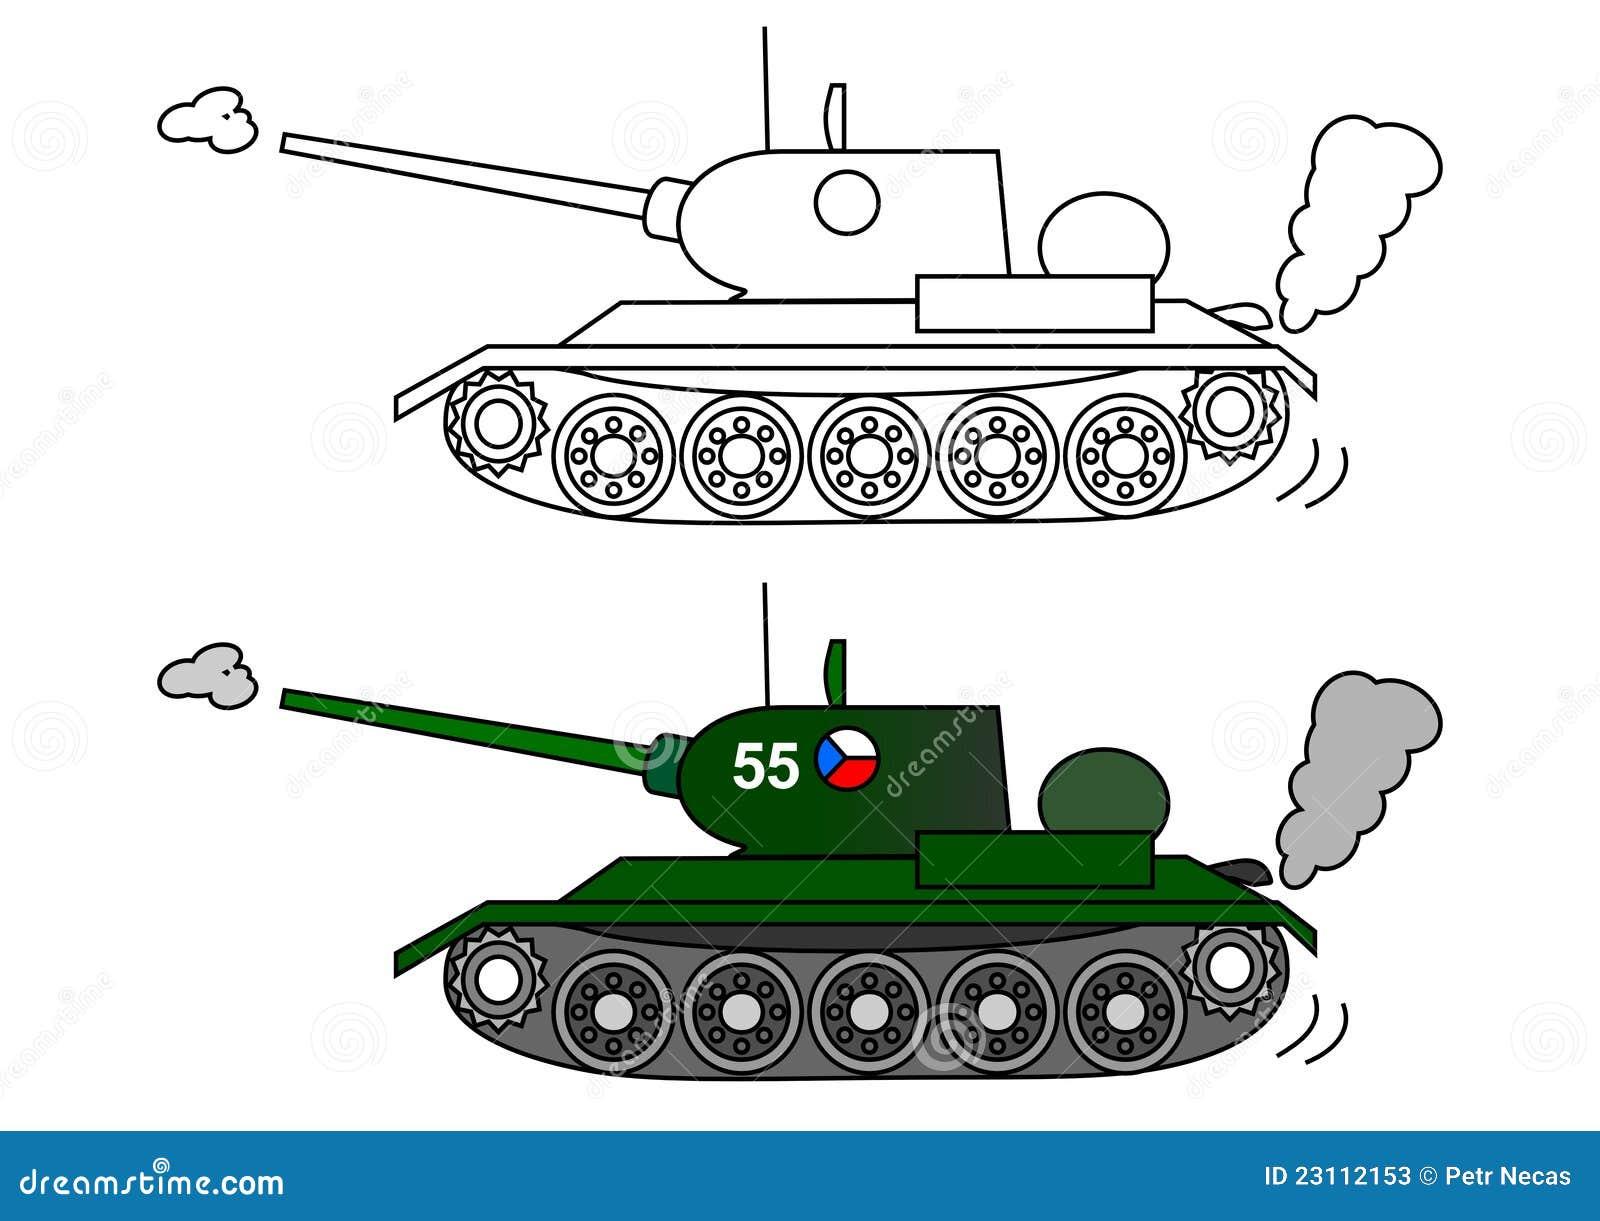 Раскраски танка для детей